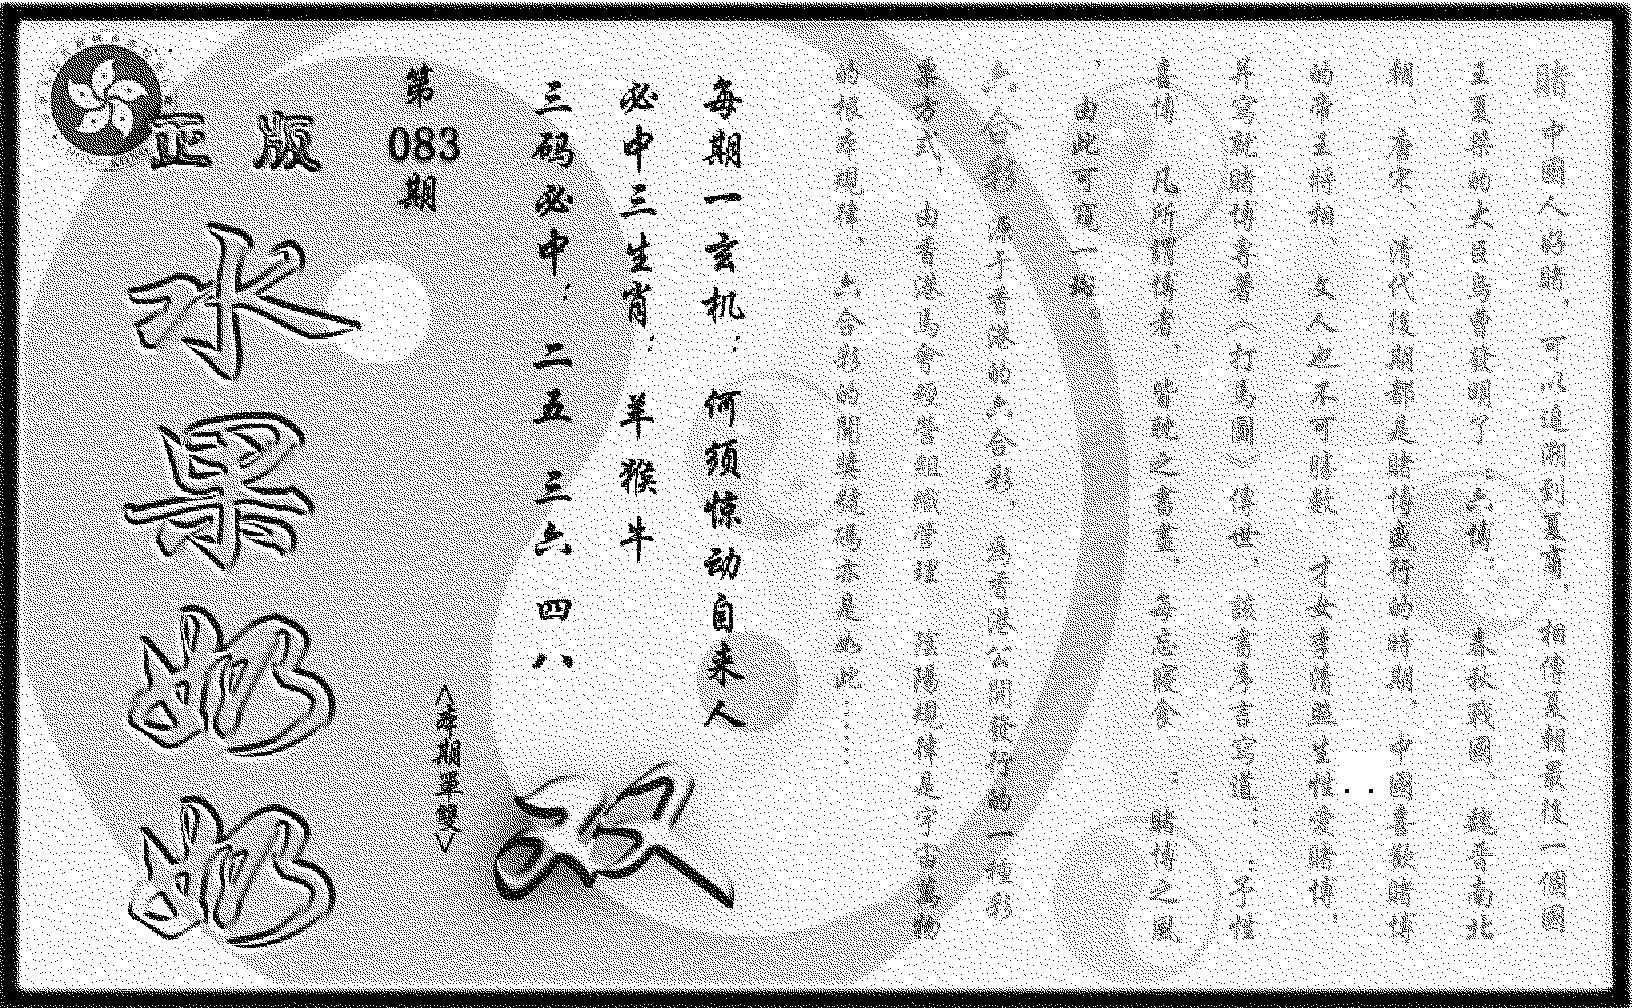 083期(九龙单双攻略)正版(黑白)